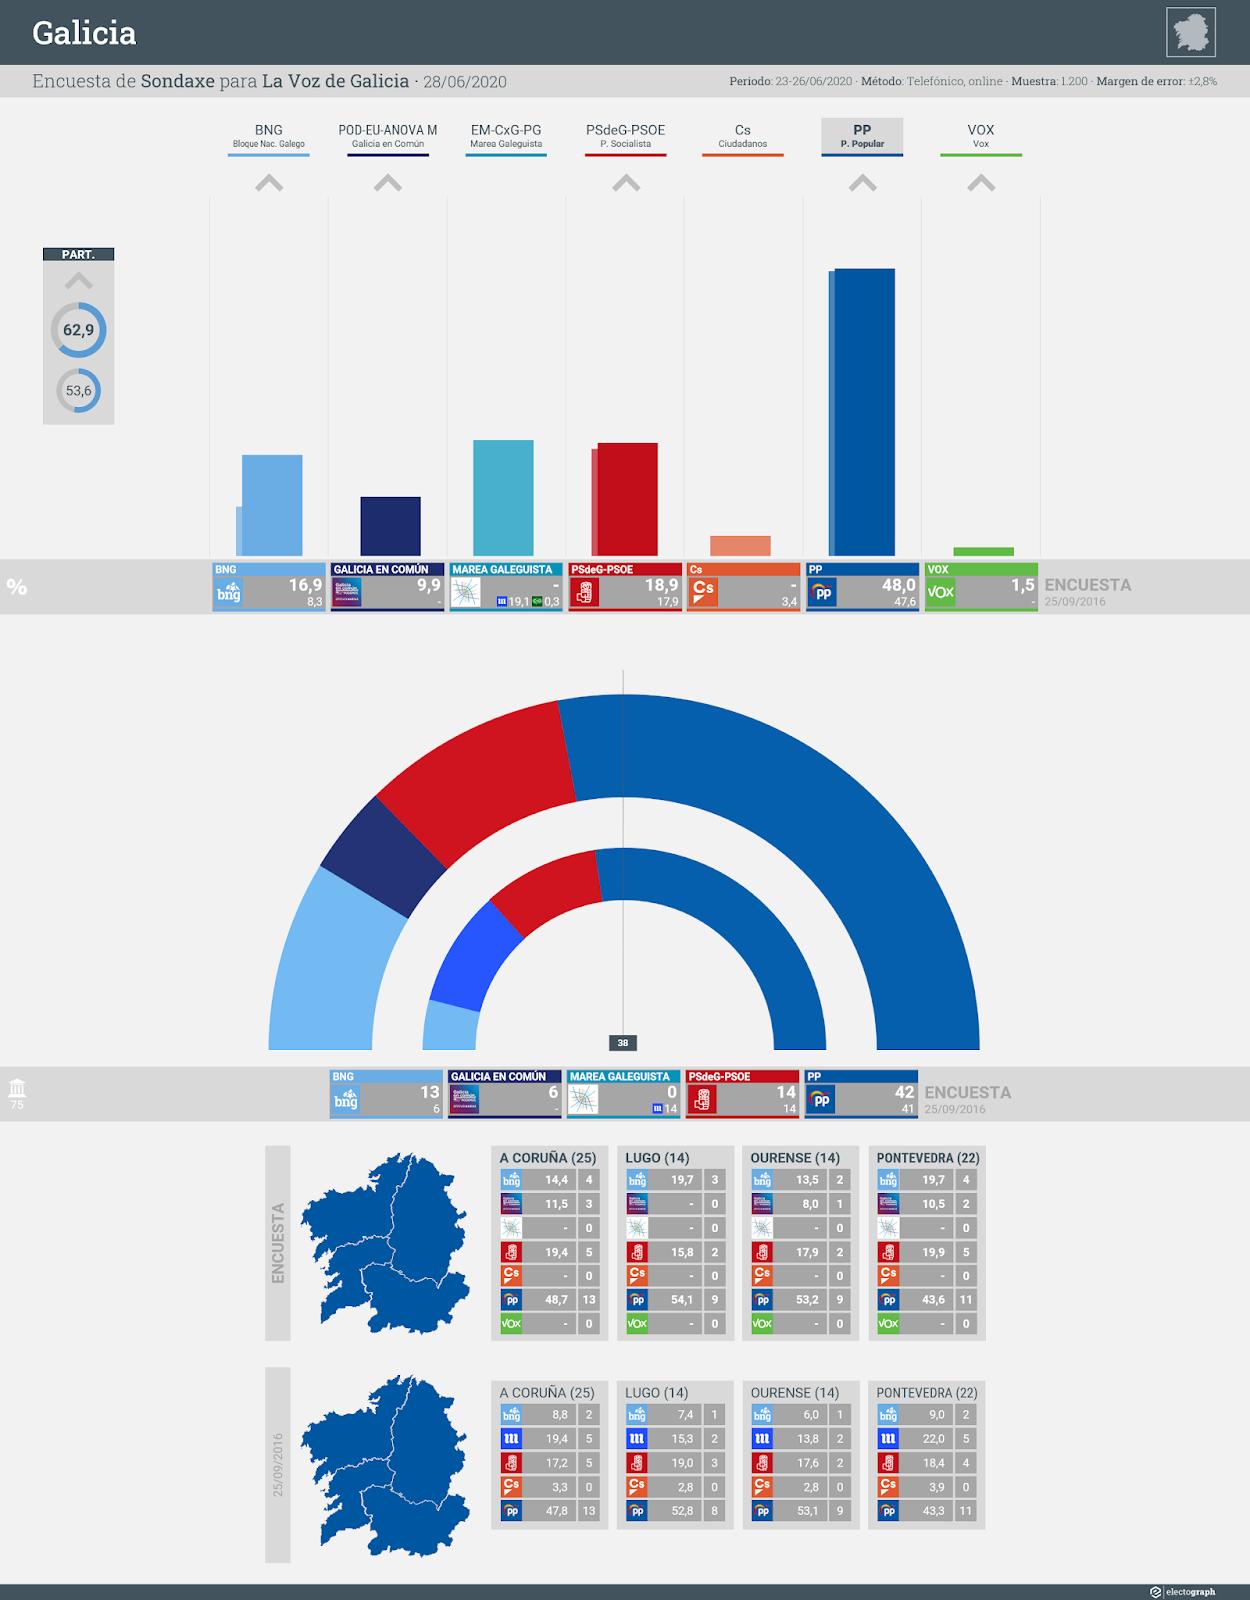 Gráfico de la encuesta para elecciones autonómicas en Galicia realizada por Sondaxe para La Voz de Galicia, 28 de junio de 2020